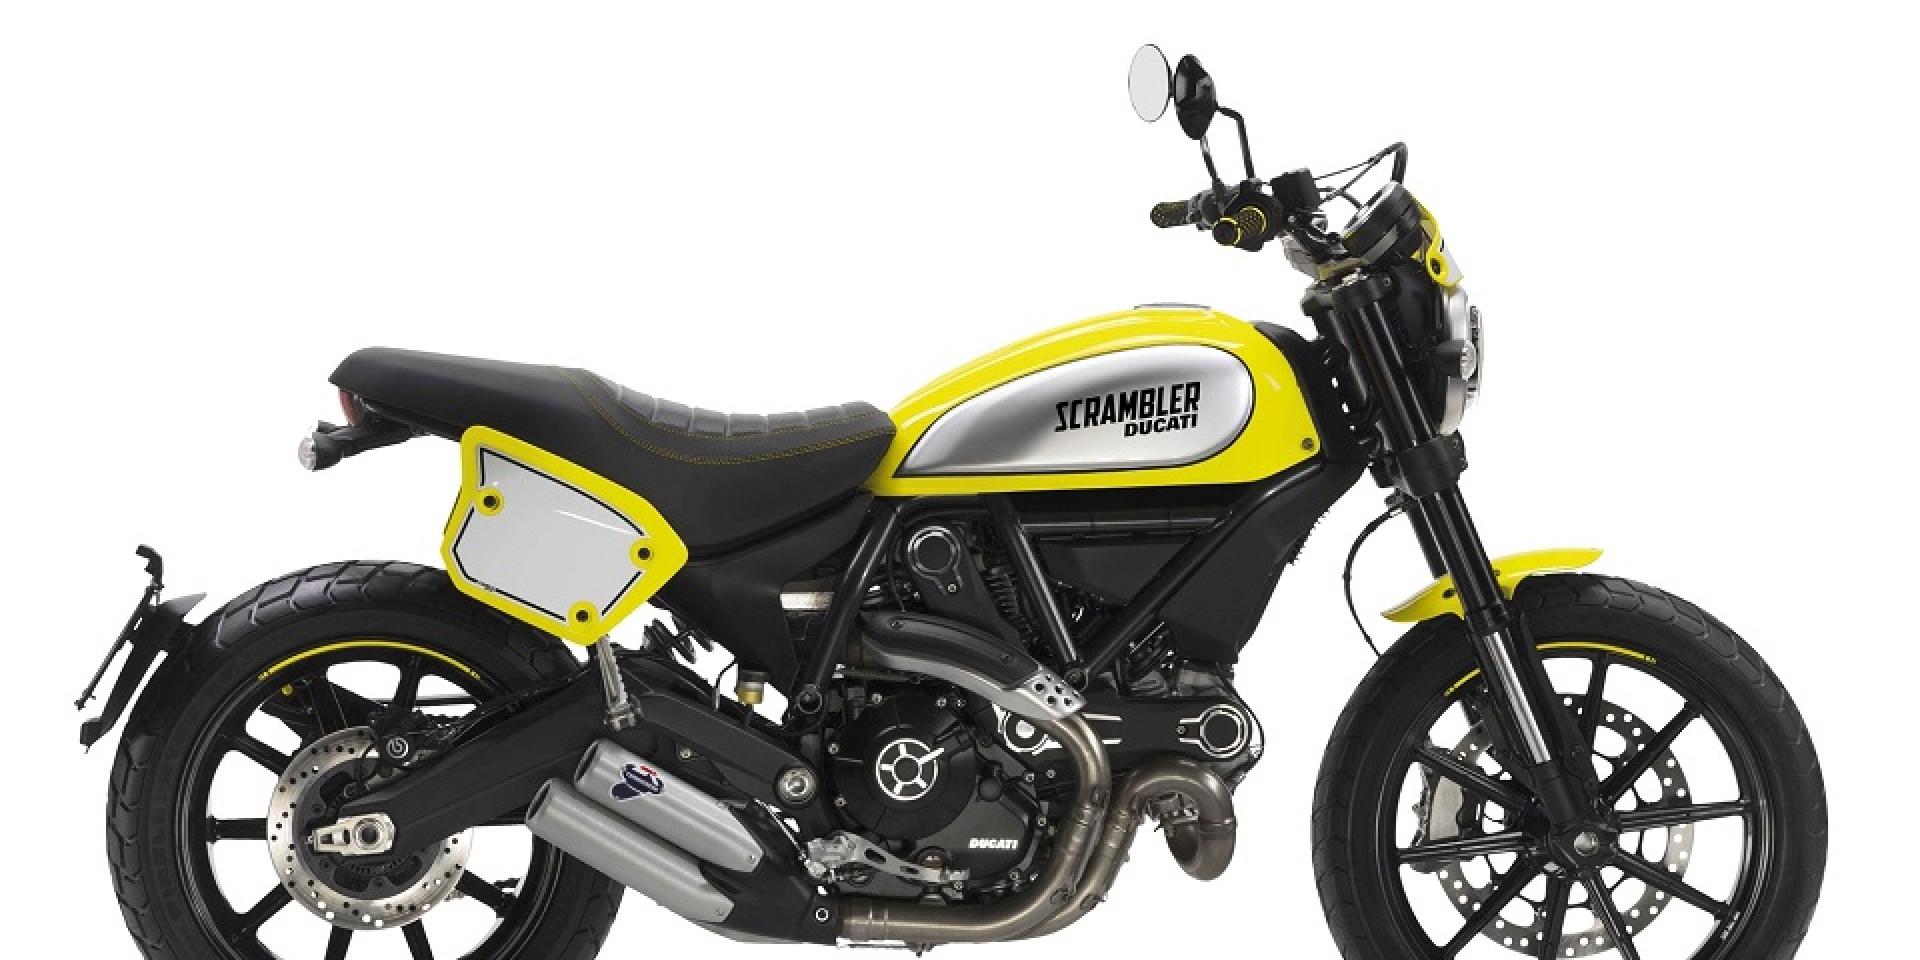 Ducati Scrambler家族新成員 泥地賽車現身